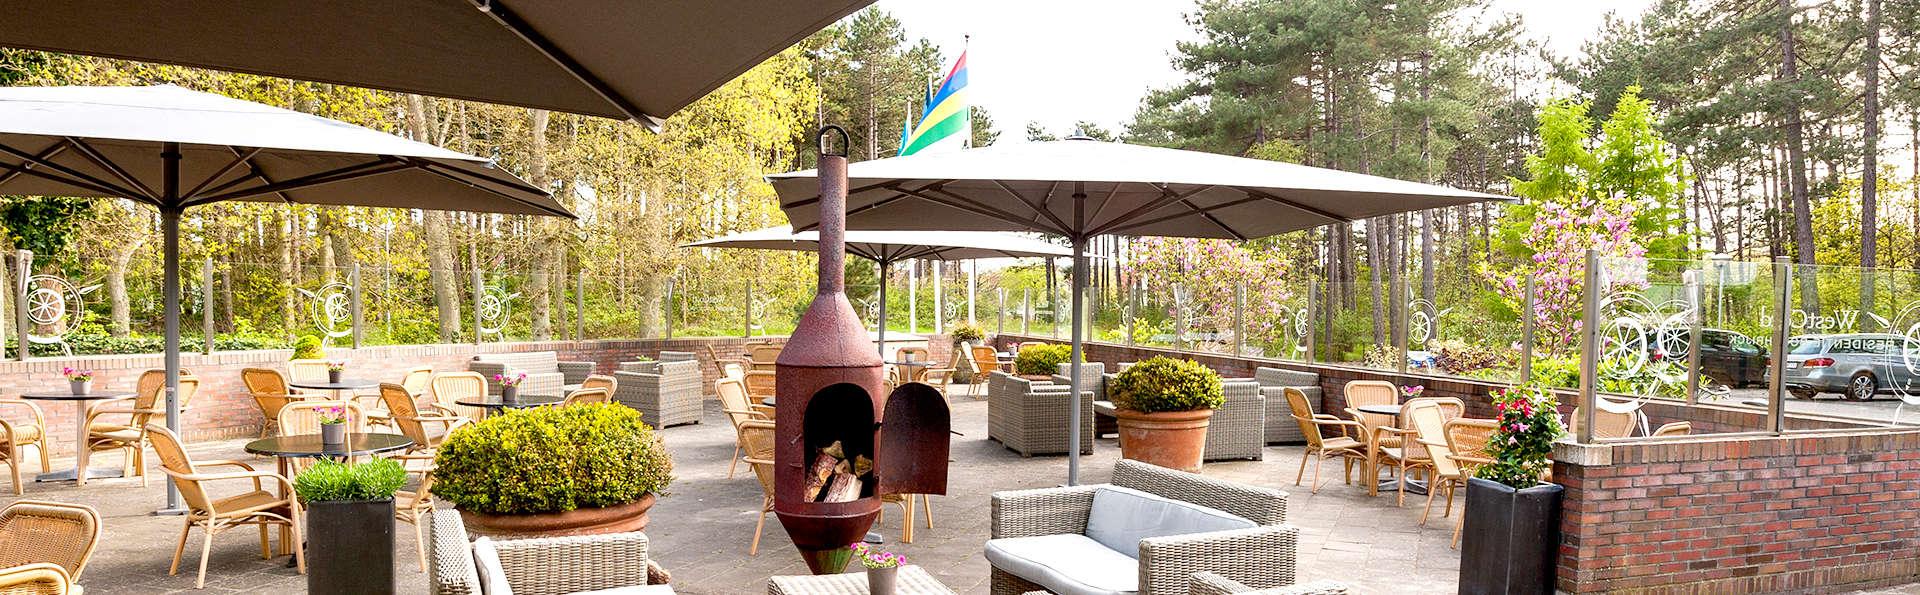 Dîner et détente dans un hôtel de luxe à Terschelling